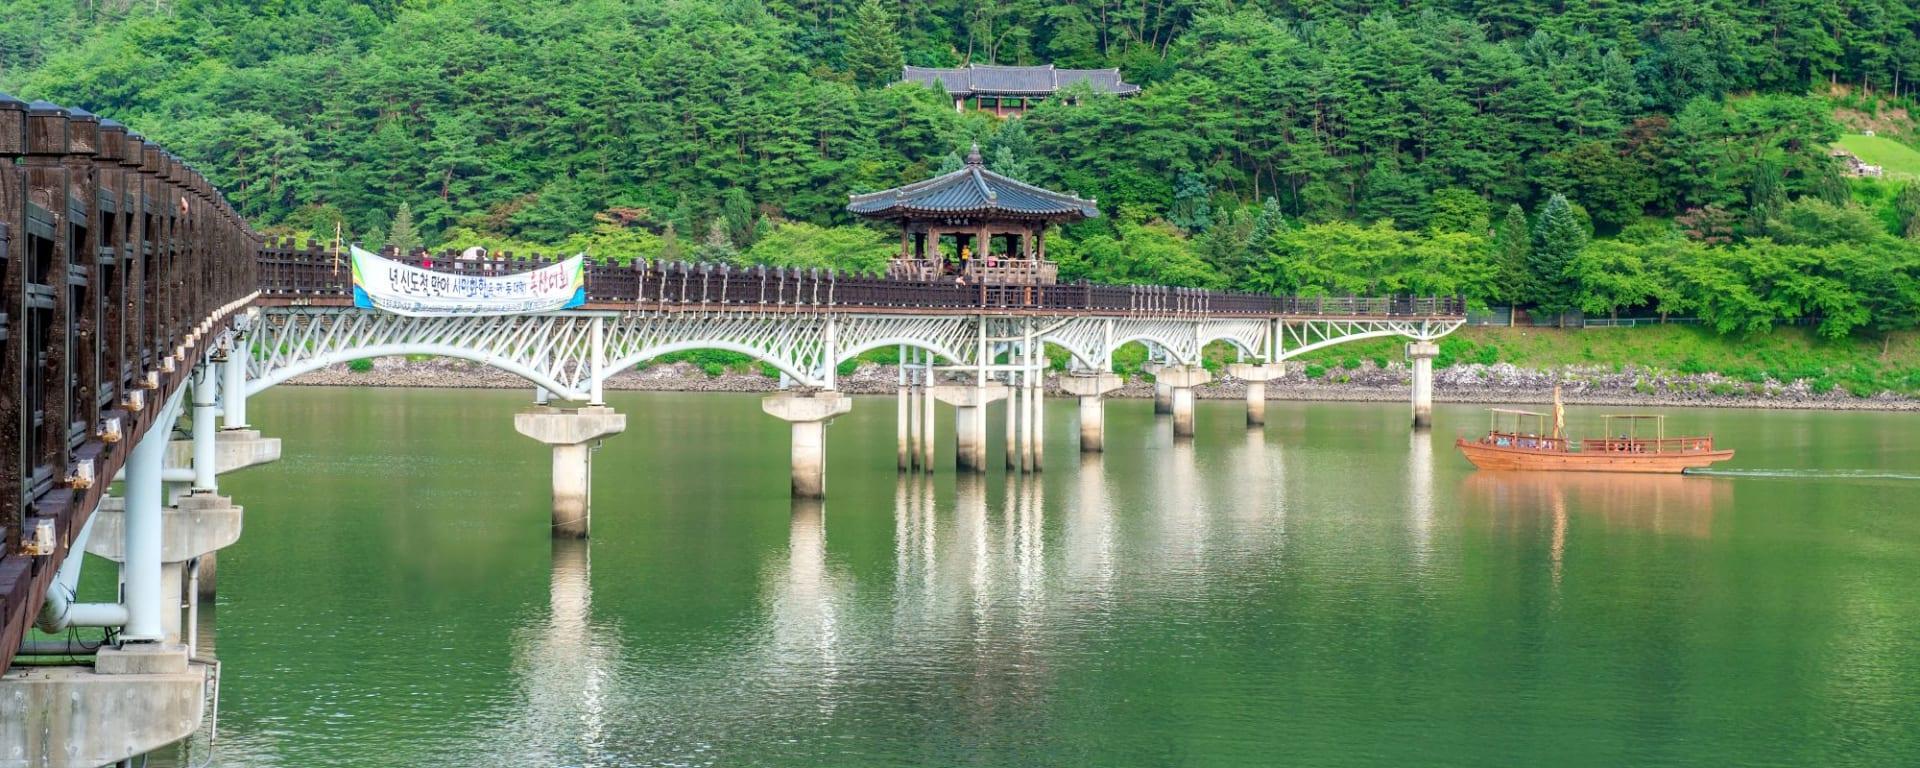 Grand circuit en voiture de location en Corée du sud de Séoul: Andong Wooden bridge or Wolyeonggyo bridge